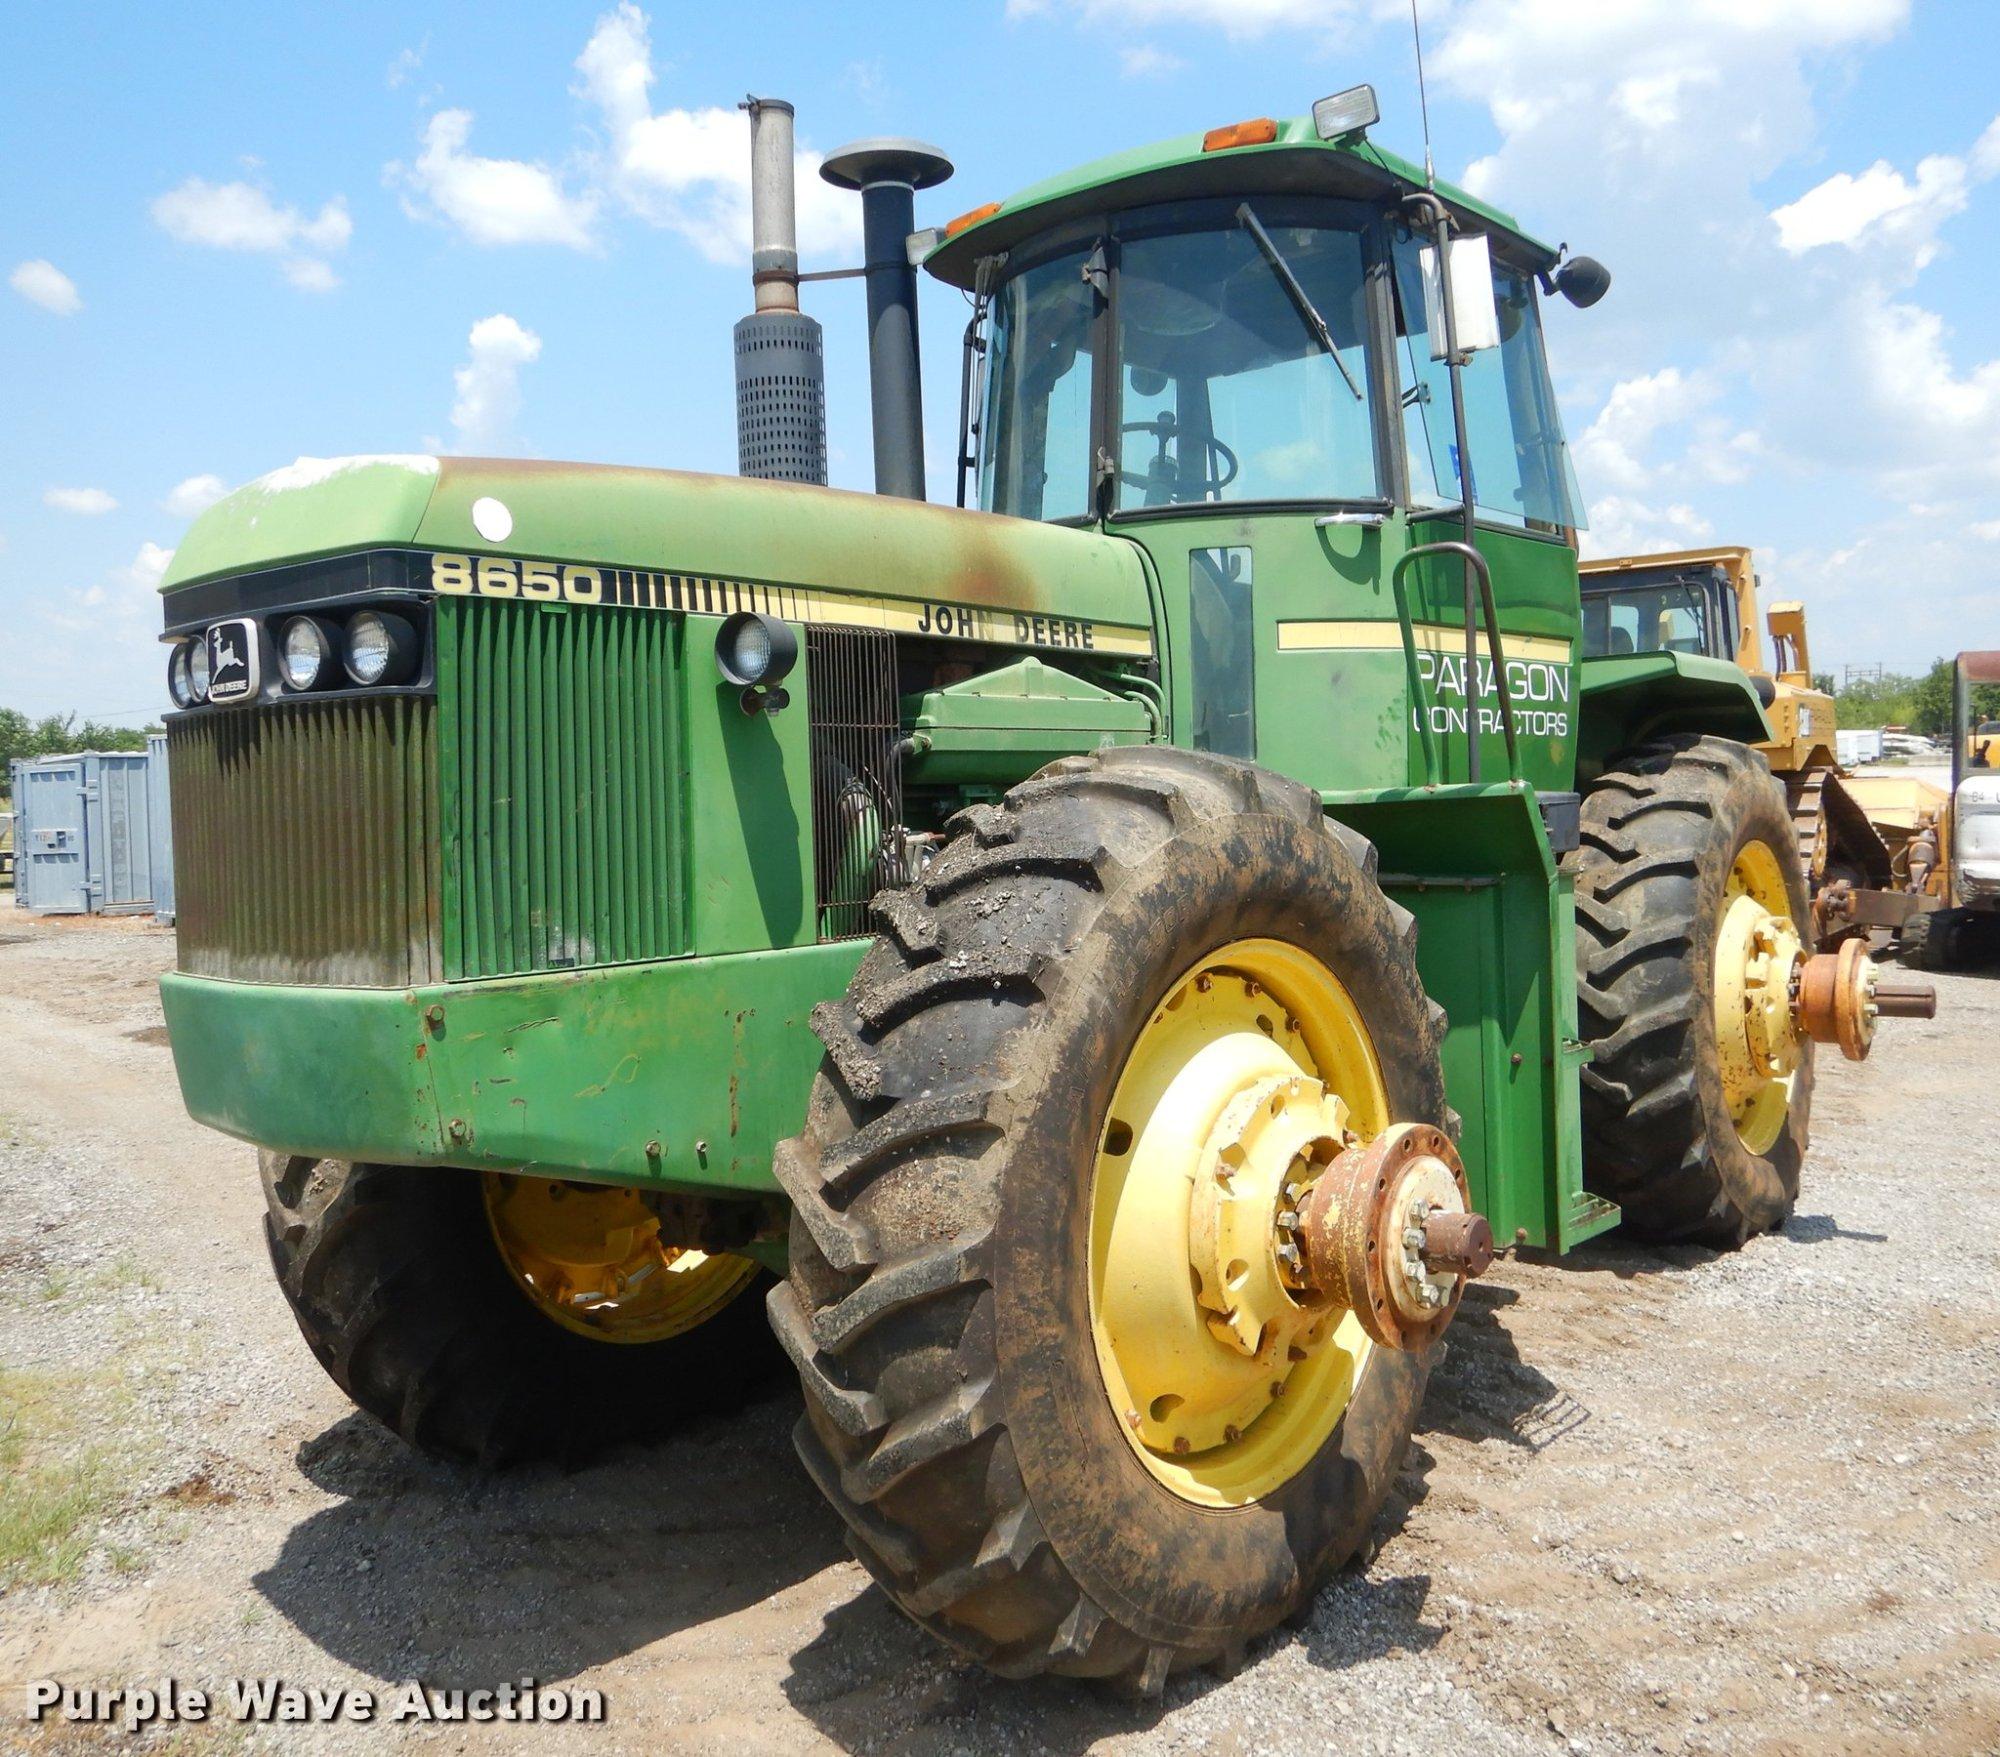 hight resolution of  schematics john deere 8650 4wd tractor item ek9593 sold august 30